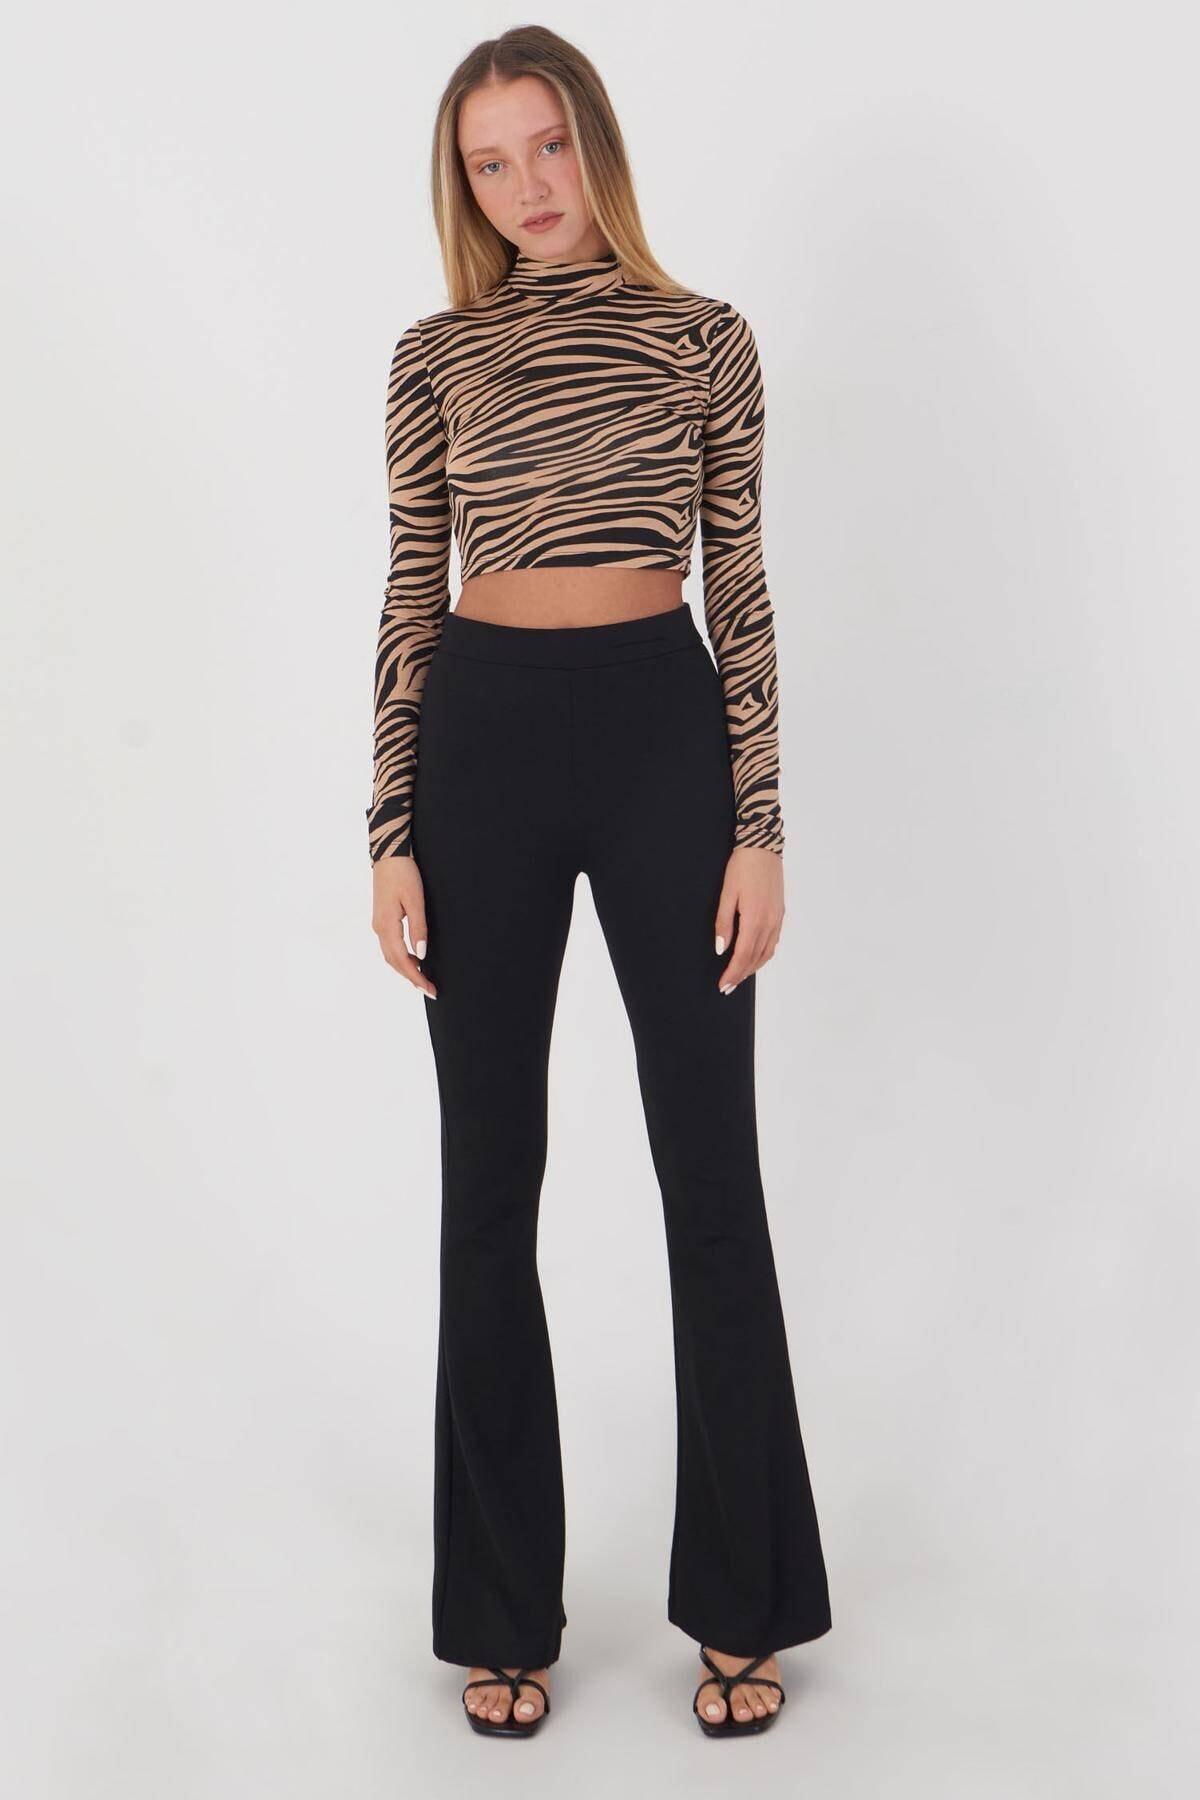 Addax Kadın Kahve Siyah Zebra Desenli Bluz P1083 - Y3W2 Adx-0000023310 1